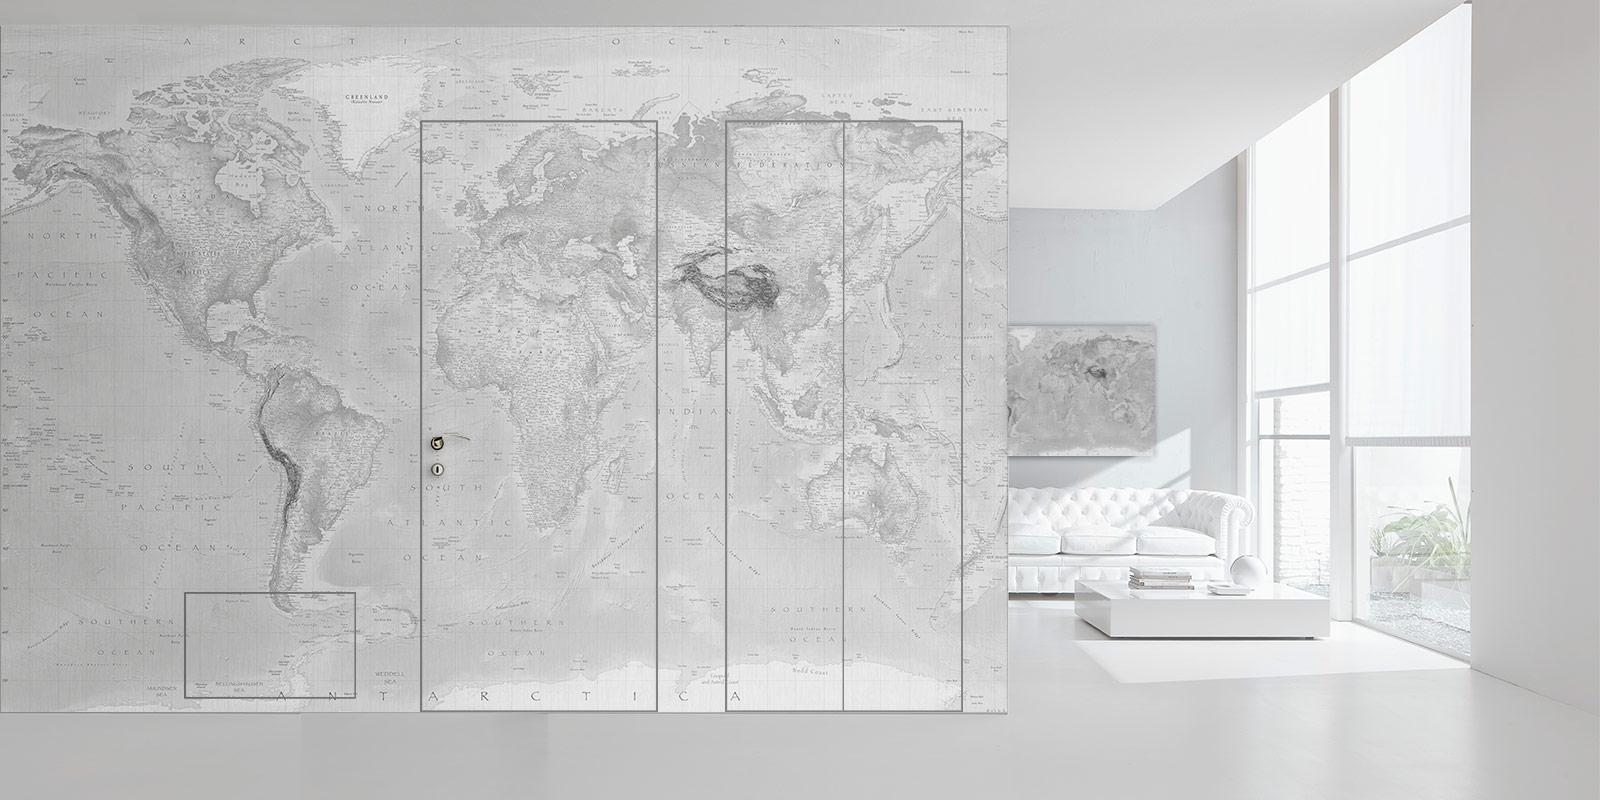 Le porte filo muro: la nostra esperienza e la qualità dei prodotti ...